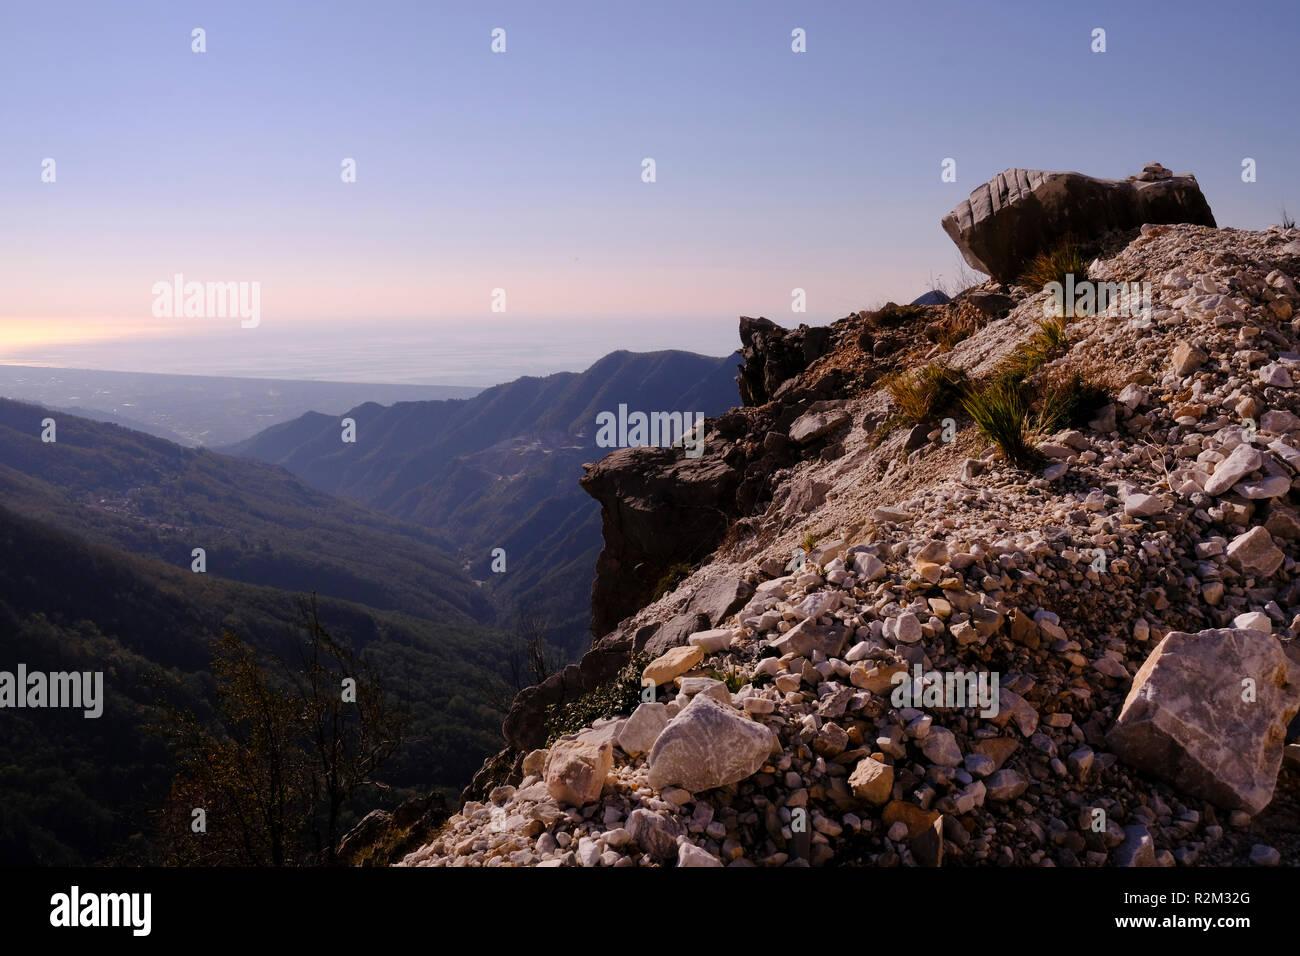 Unplugged: exploring nature, hiking on Tuscany mountains, breathtaking panorama (Italy). - Stock Image